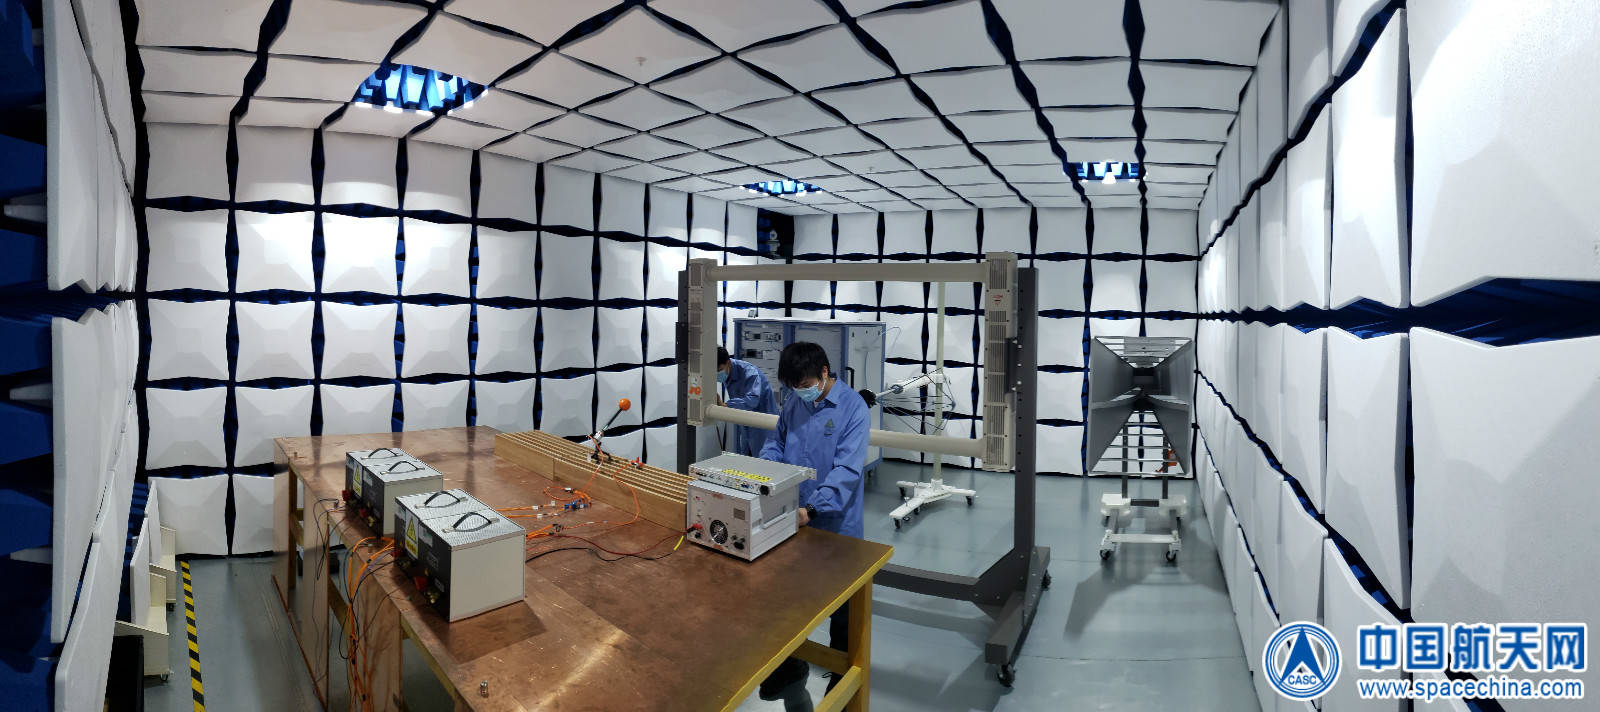 航天科技八院控制所为产品电磁兼容